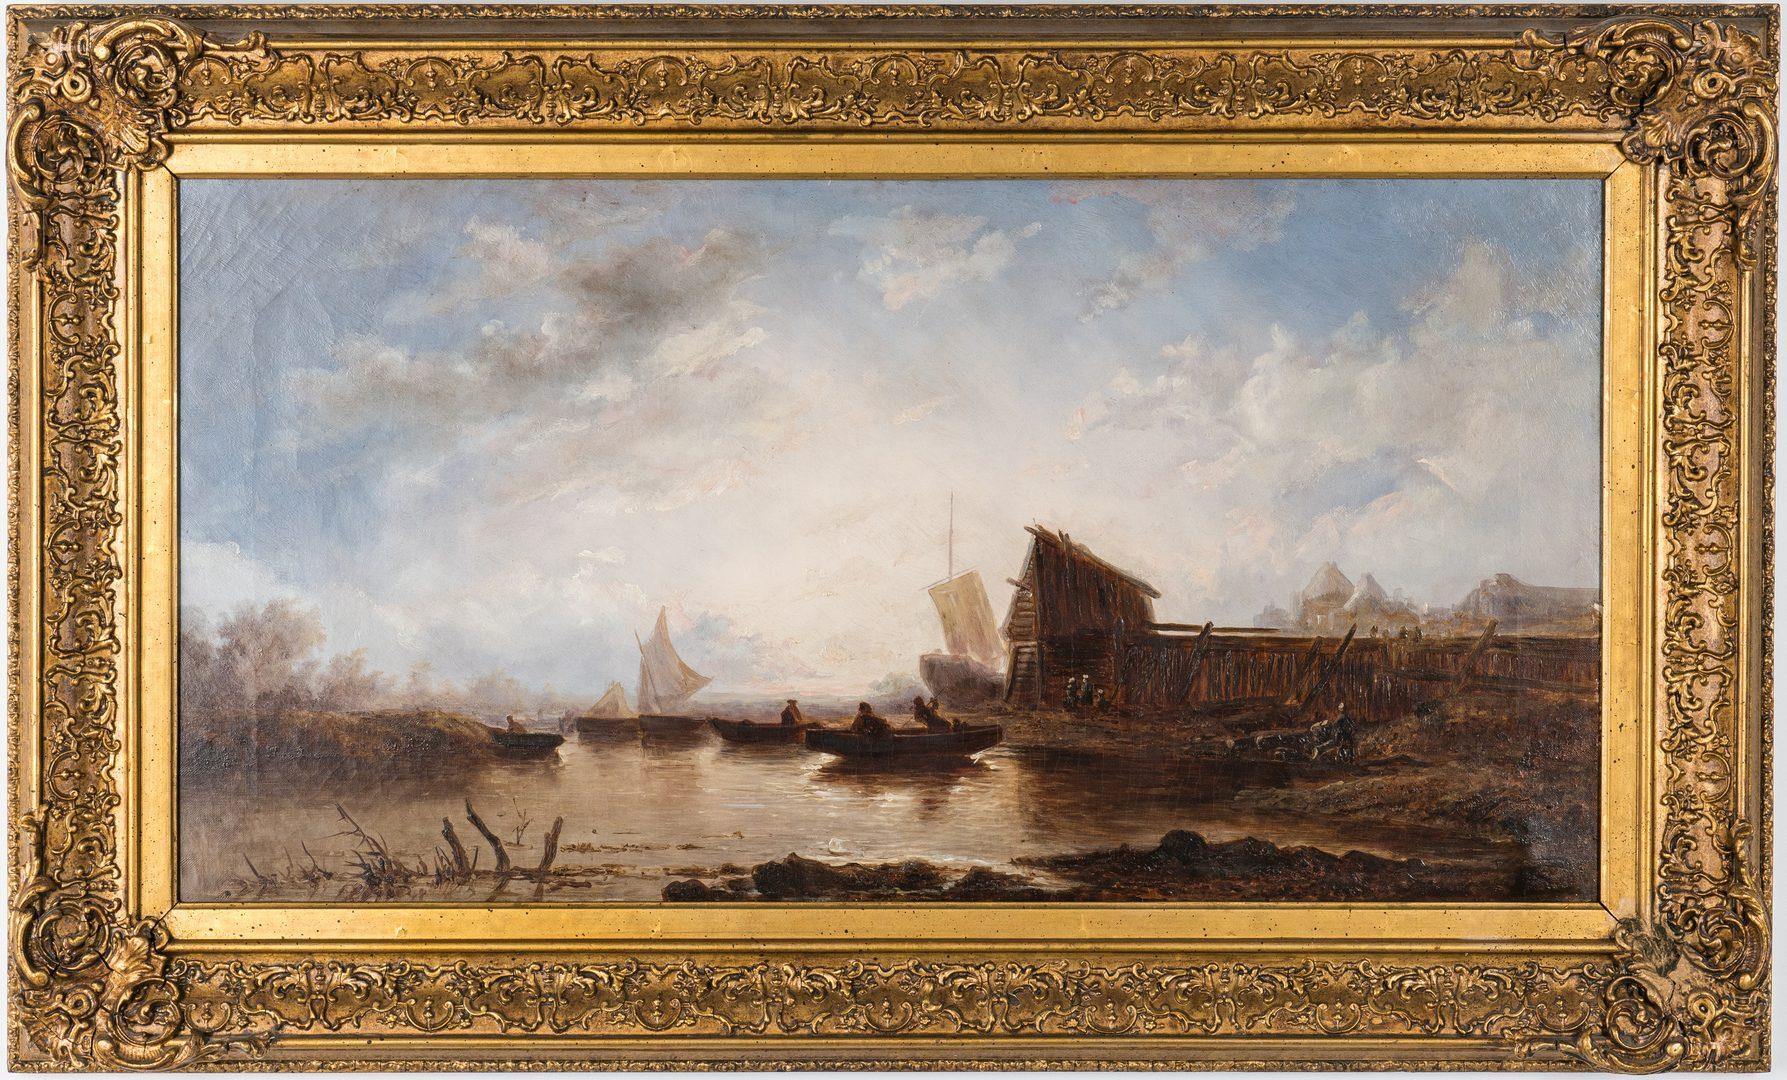 Lot 84: British School 19th C. Harbor Scene, Doneraile inscription